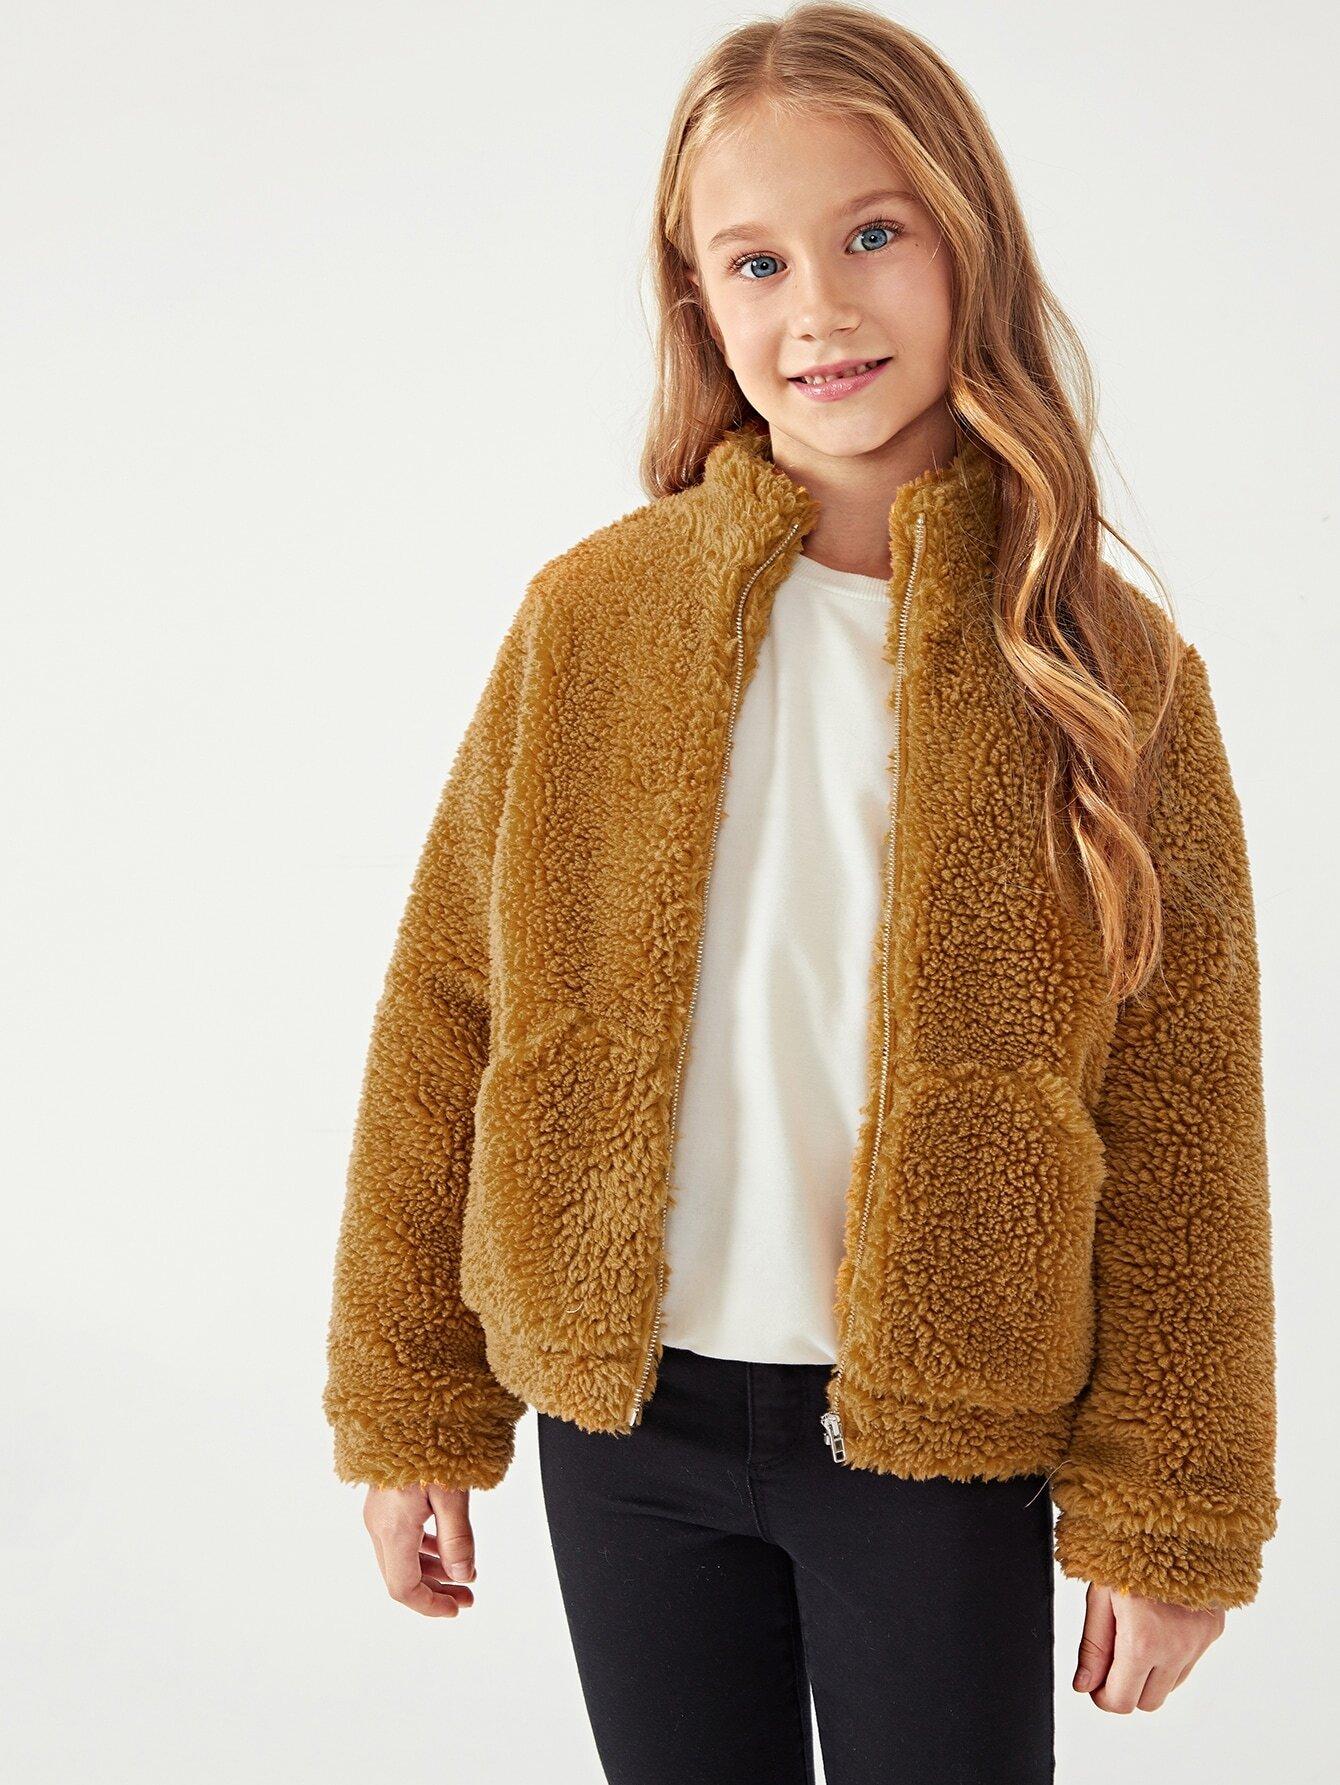 Купить Плюшевая куртка на молнии для девочек, Masha. P, SheIn